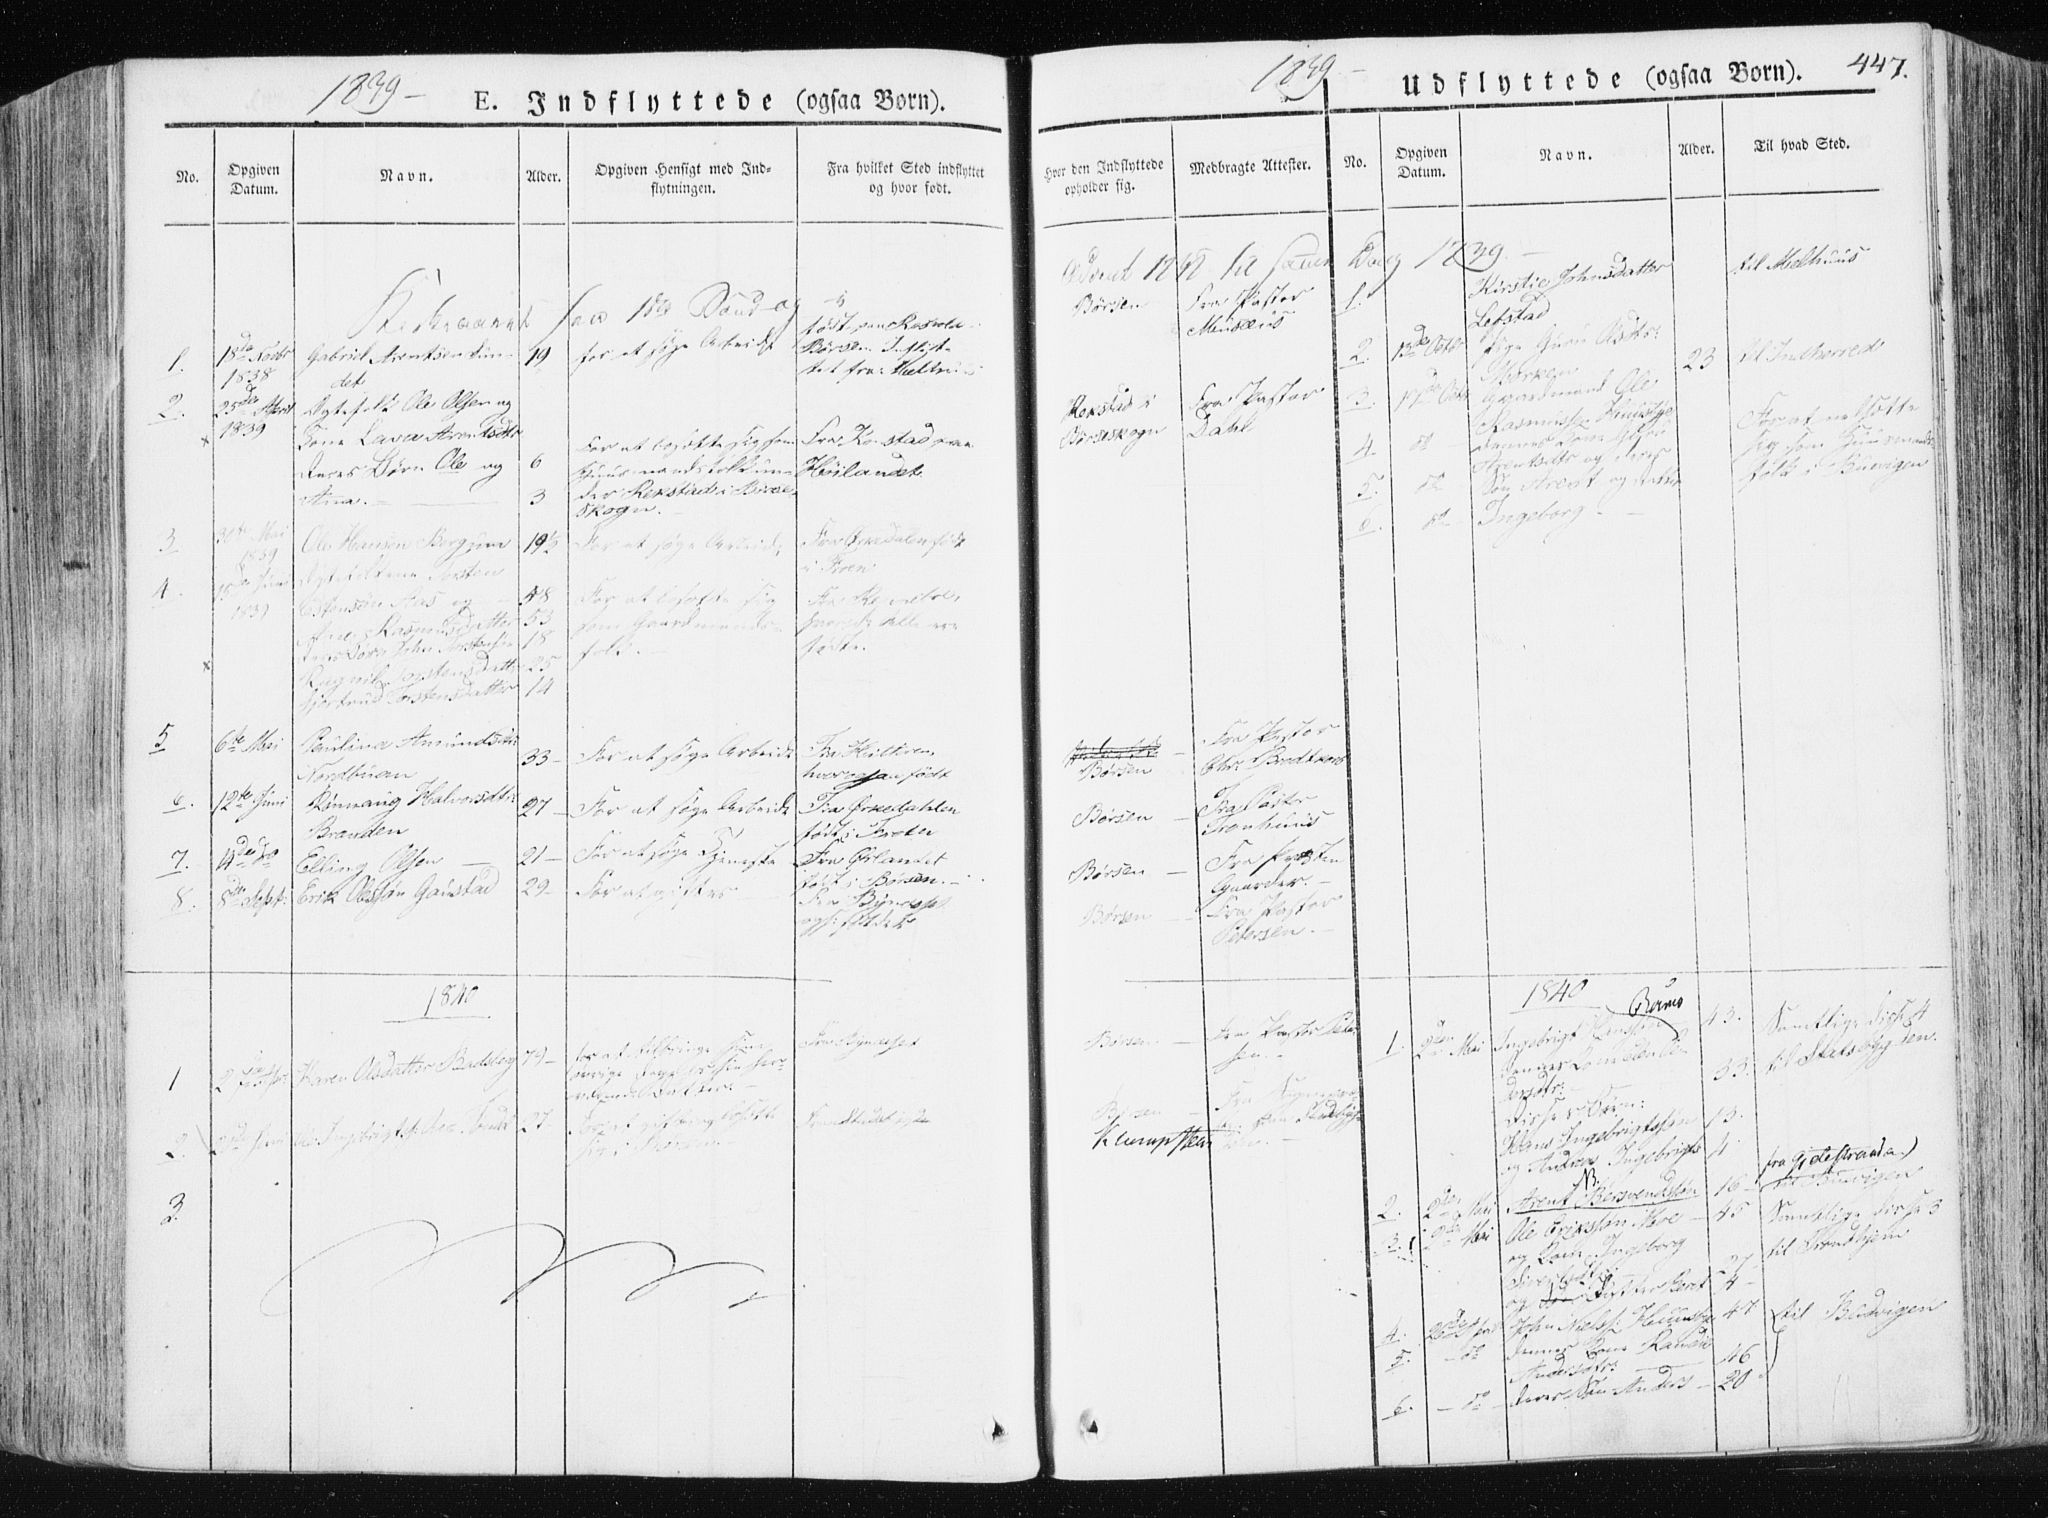 SAT, Ministerialprotokoller, klokkerbøker og fødselsregistre - Sør-Trøndelag, 665/L0771: Ministerialbok nr. 665A06, 1830-1856, s. 447